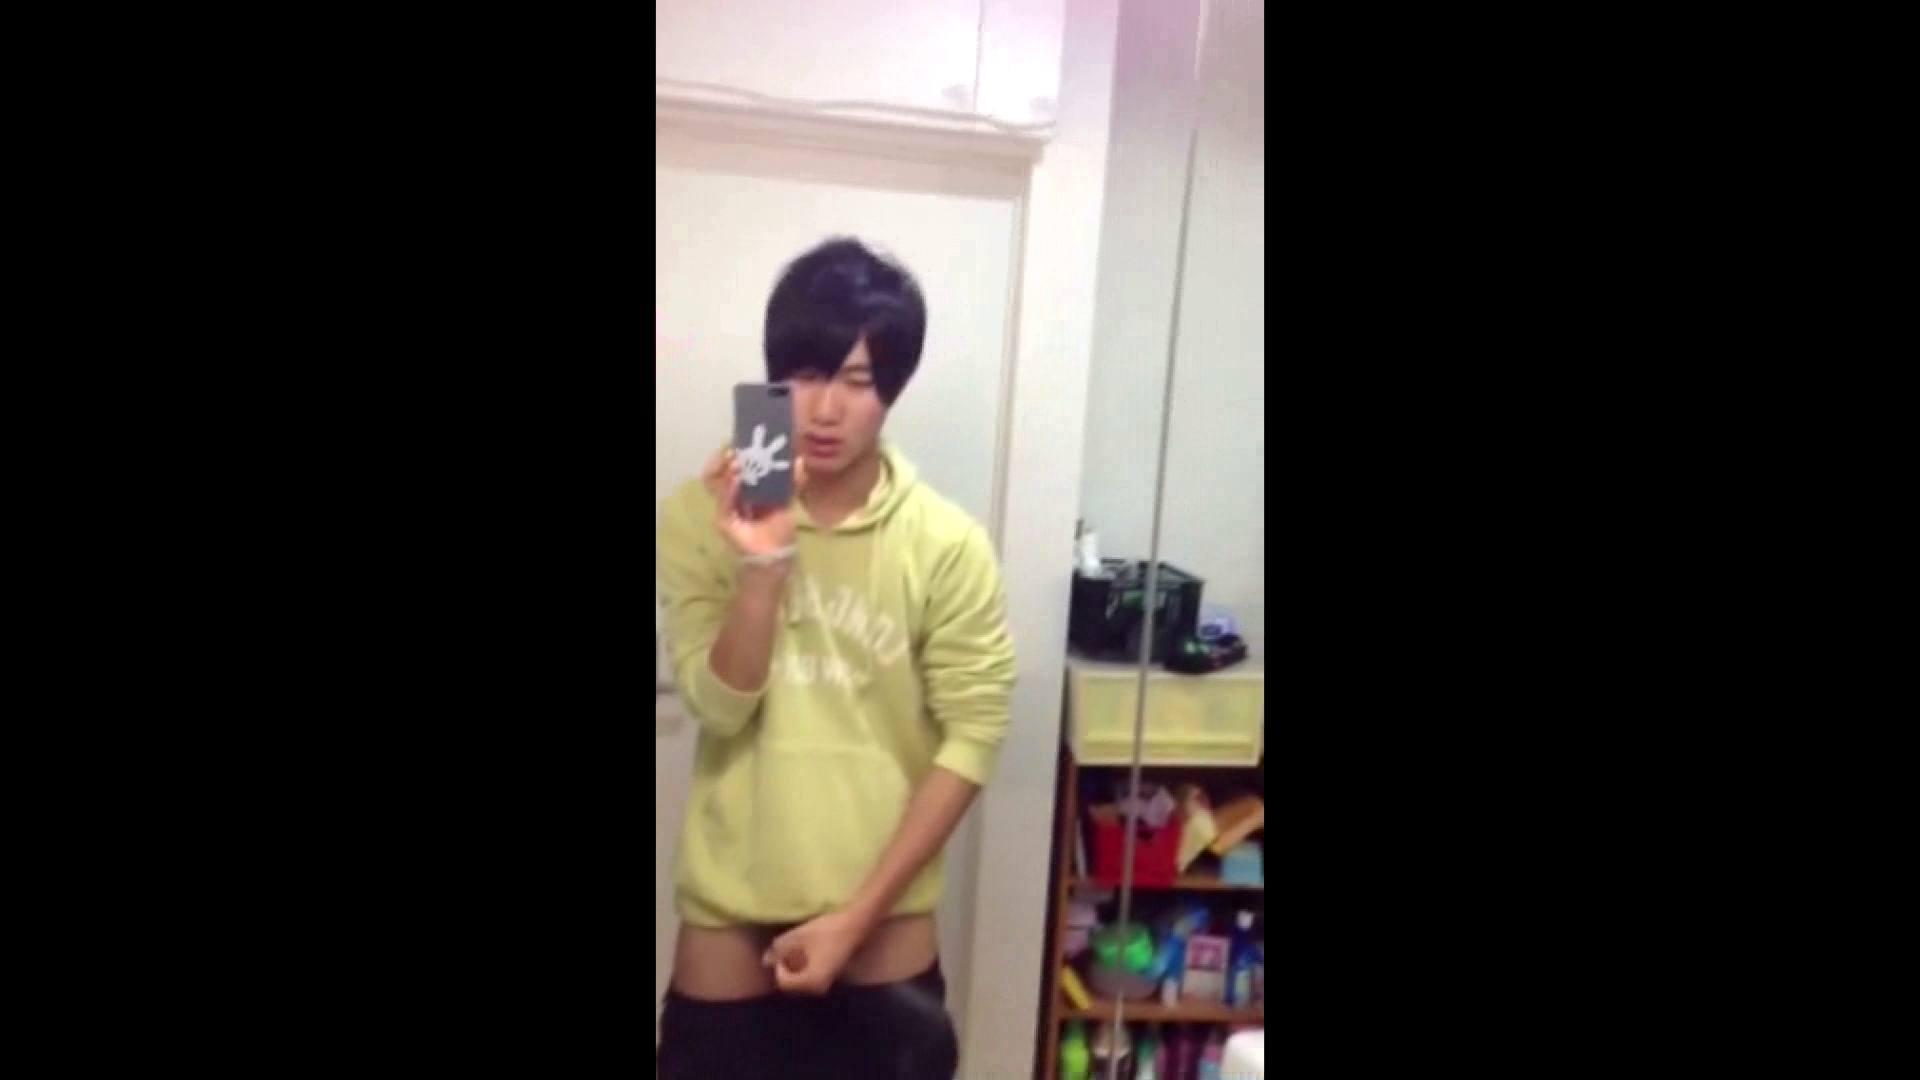 ぎゃんかわ男子のはれんちオナニー vol.07 ゲイのオナニー映像 | 男祭り  57枚 39